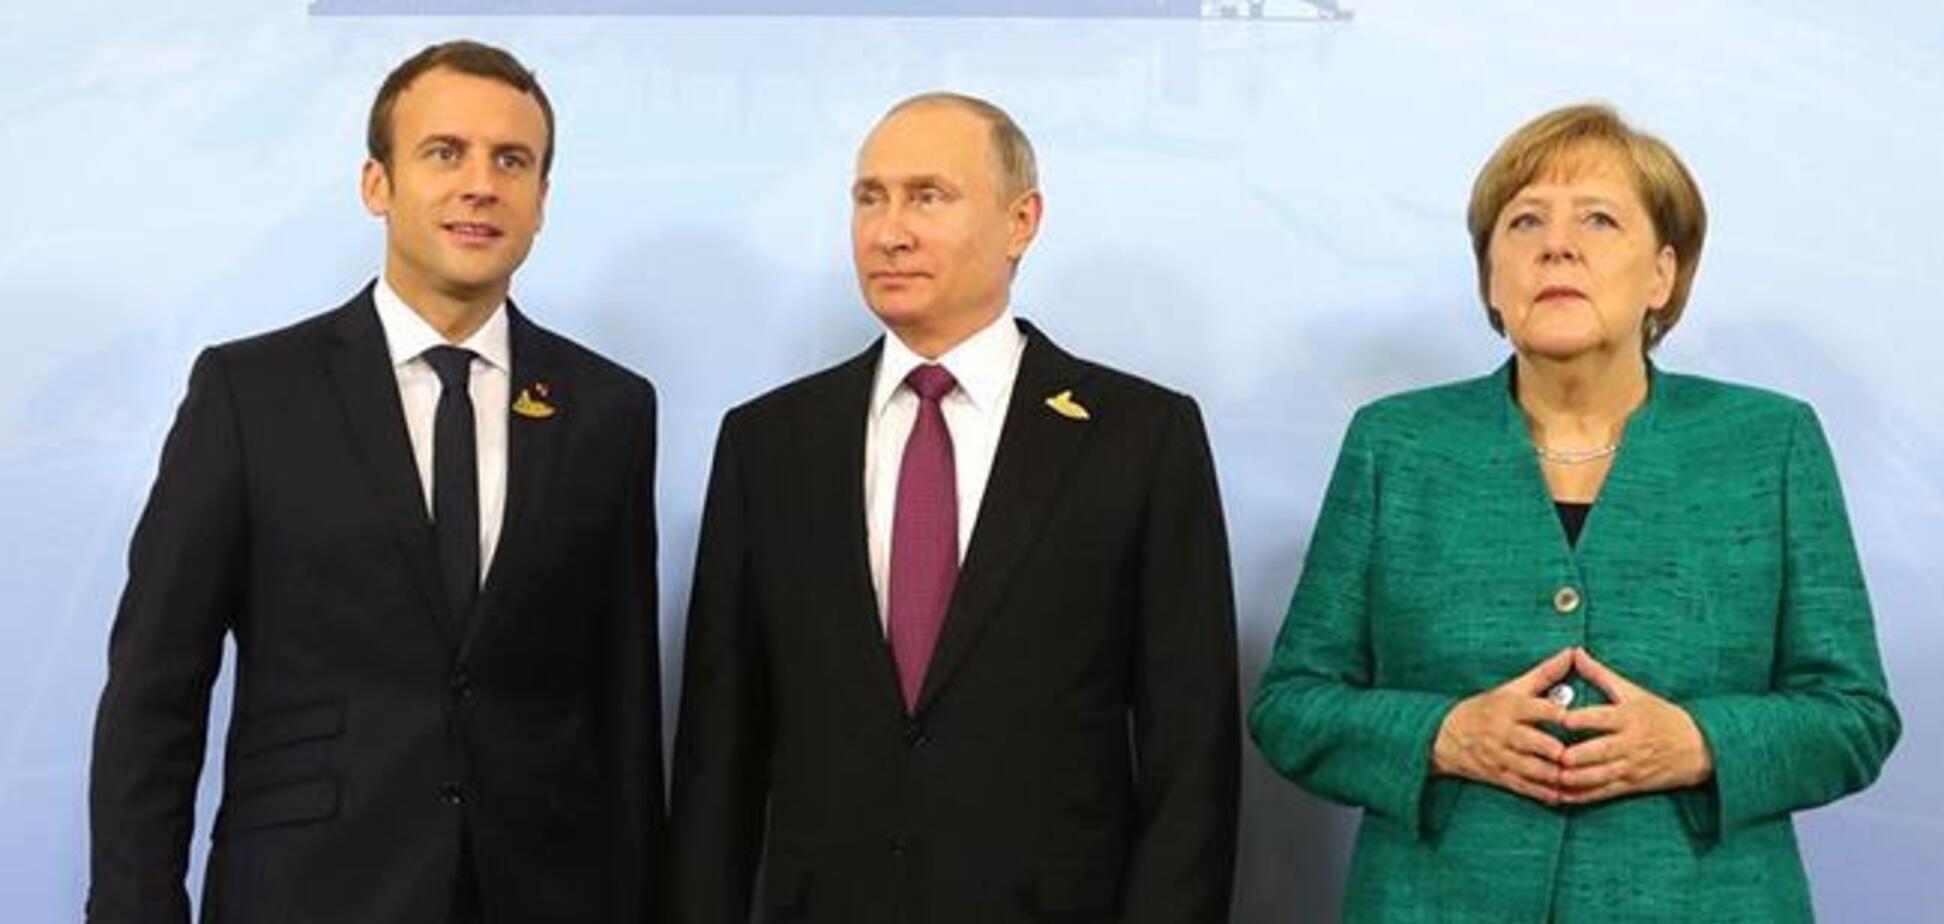 Европу парализует: российский политолог раскрыл новую подлость Кремля из-за санкций